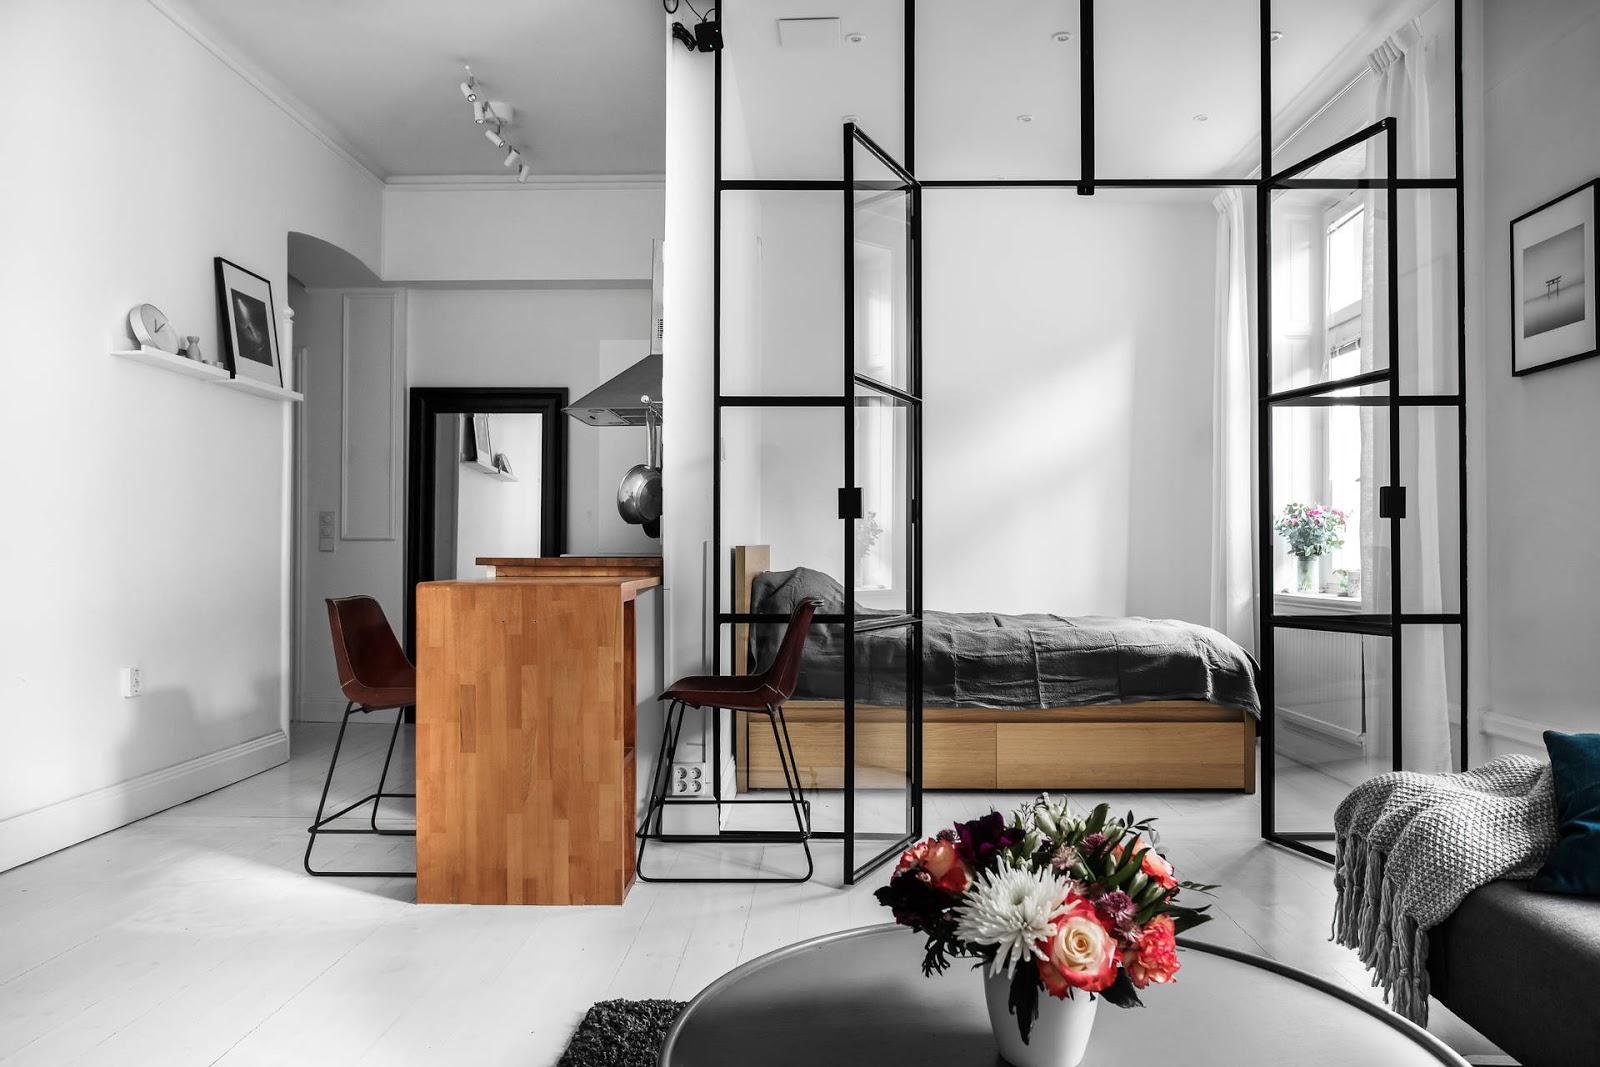 Dormitor separat de un perete de sticlă într-o garsonieră de 37 m²